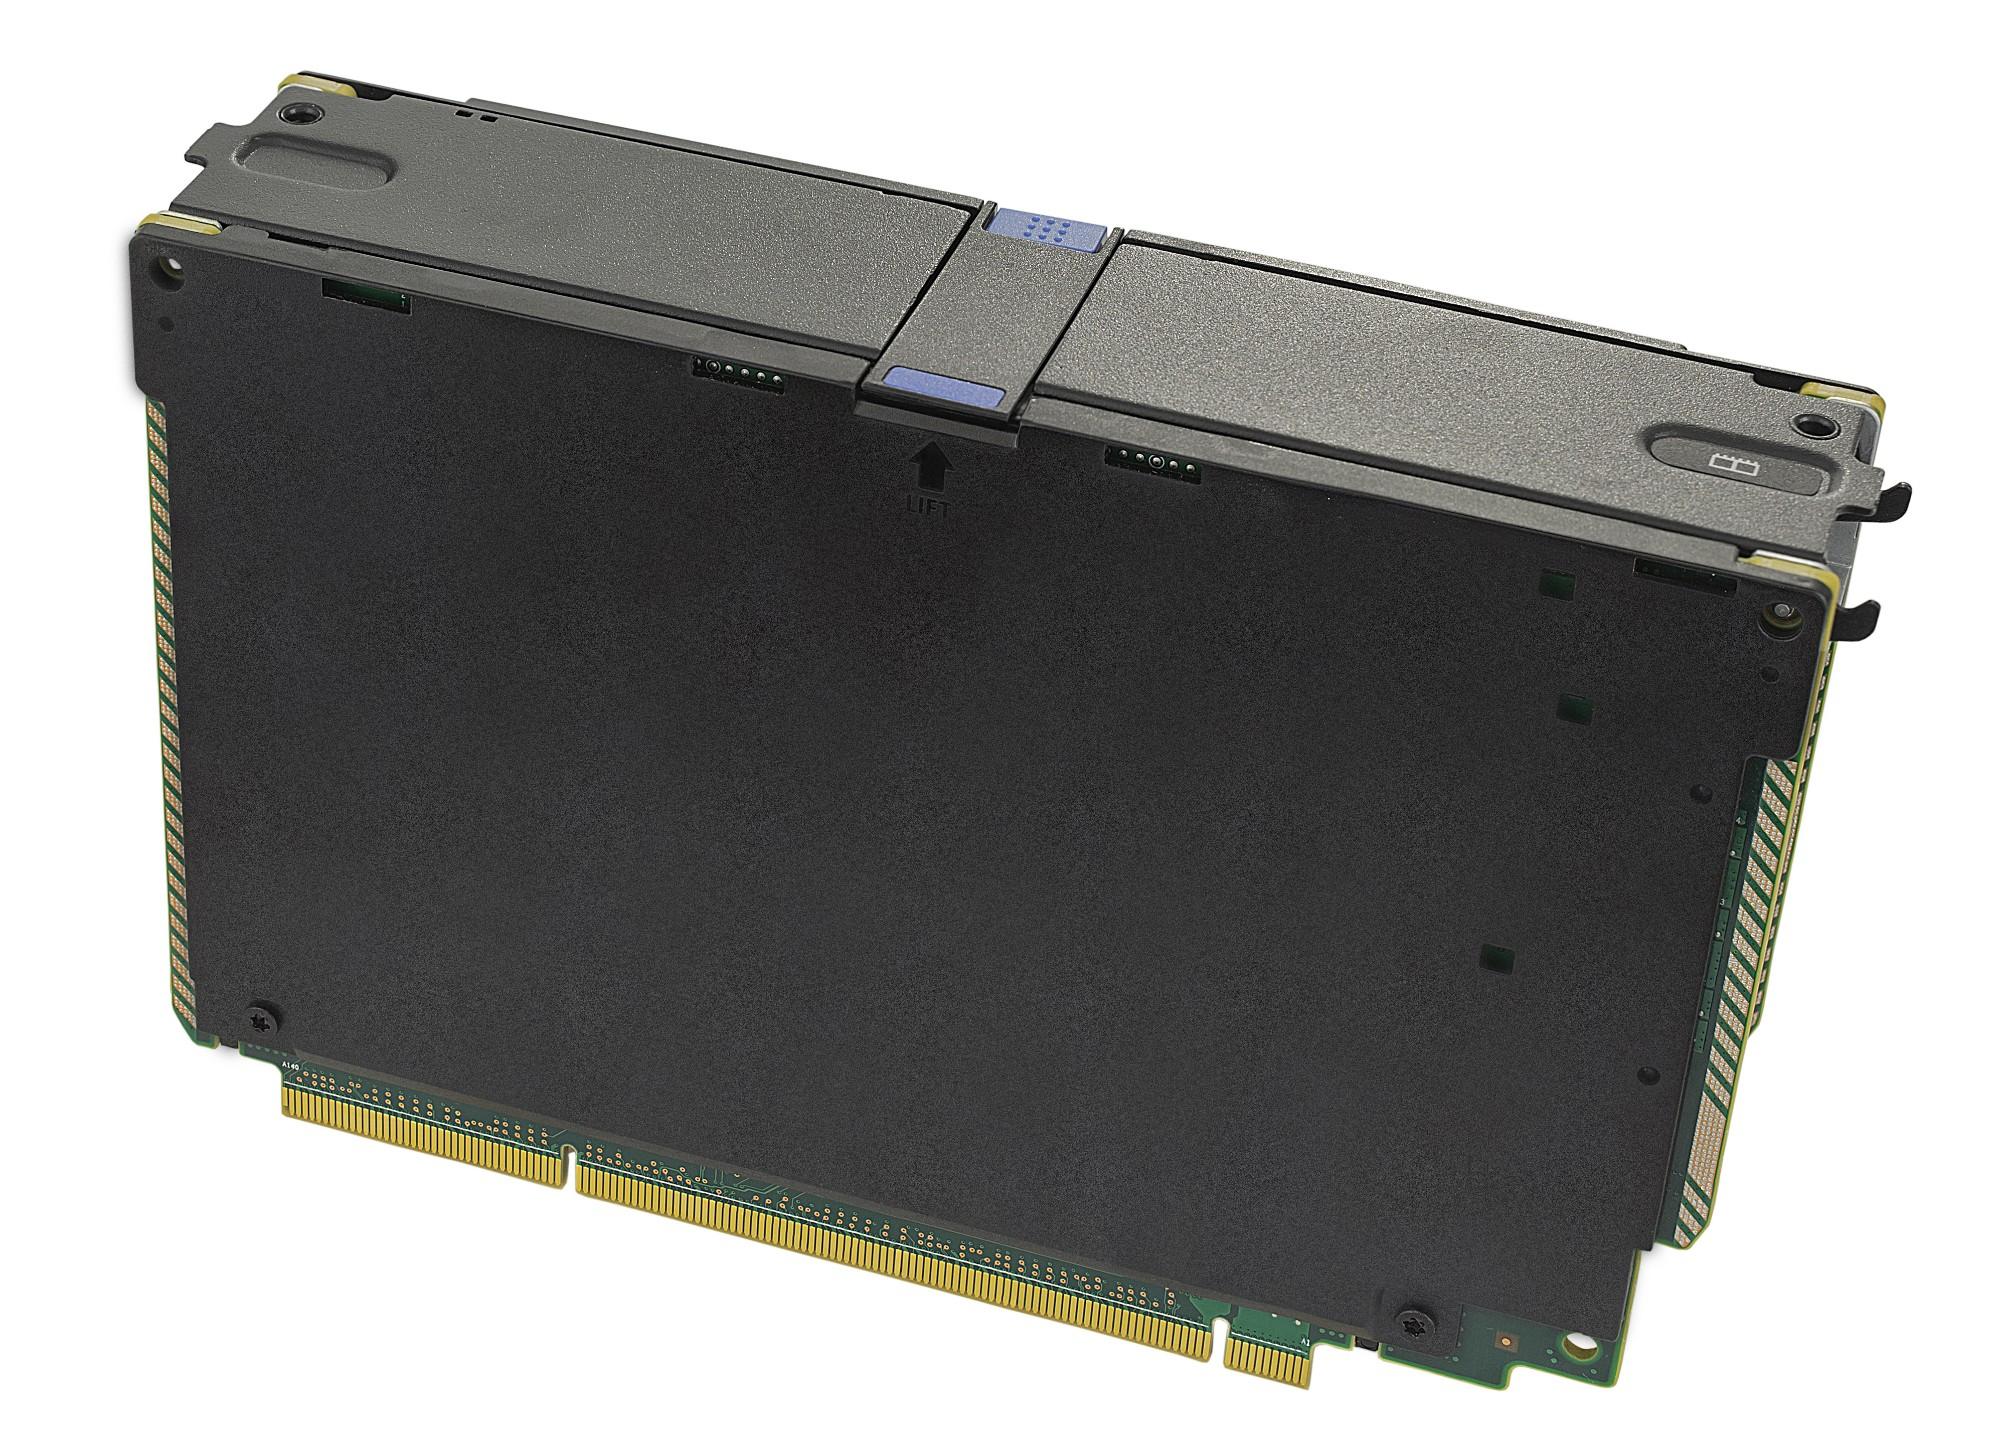 Hewlett Packard Enterprise DL580 Gen9 12 DDR4 DIMM Slots Memory Cartridge DDR4 2133MHz memory module